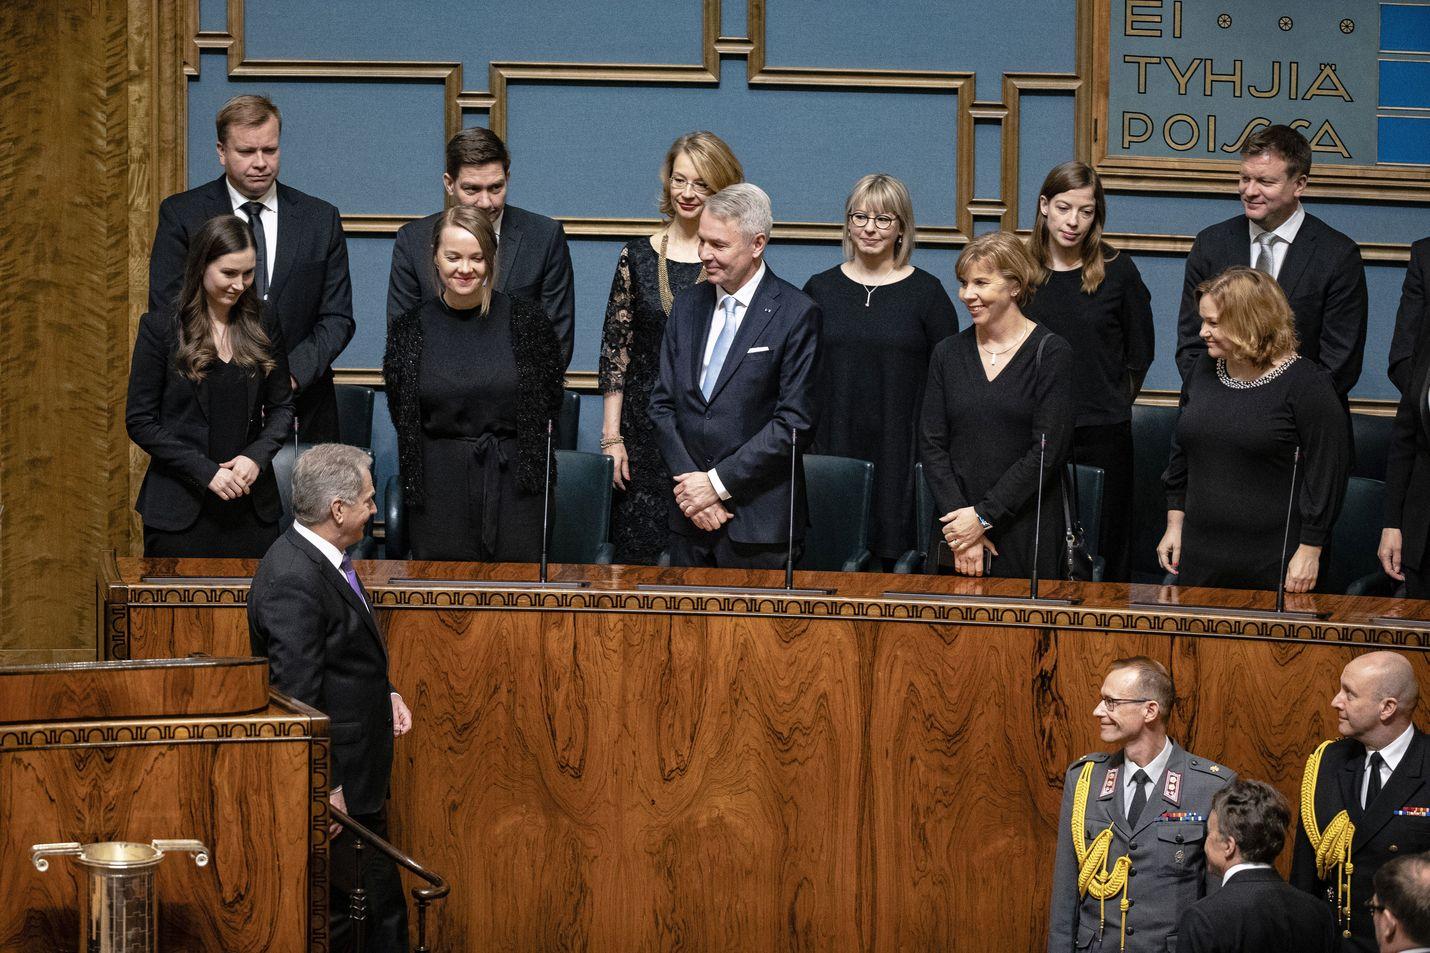 Pääministeri Sanna Marinin (sd.) johtama hallitus ja presidentti Sauli Niinistö ovat eri linjoilla siitä, tarvitaanko Suomeen operatiivista virkamiesryhmää johtamaan koronaviruksen torjuntatoimien valmistelua.